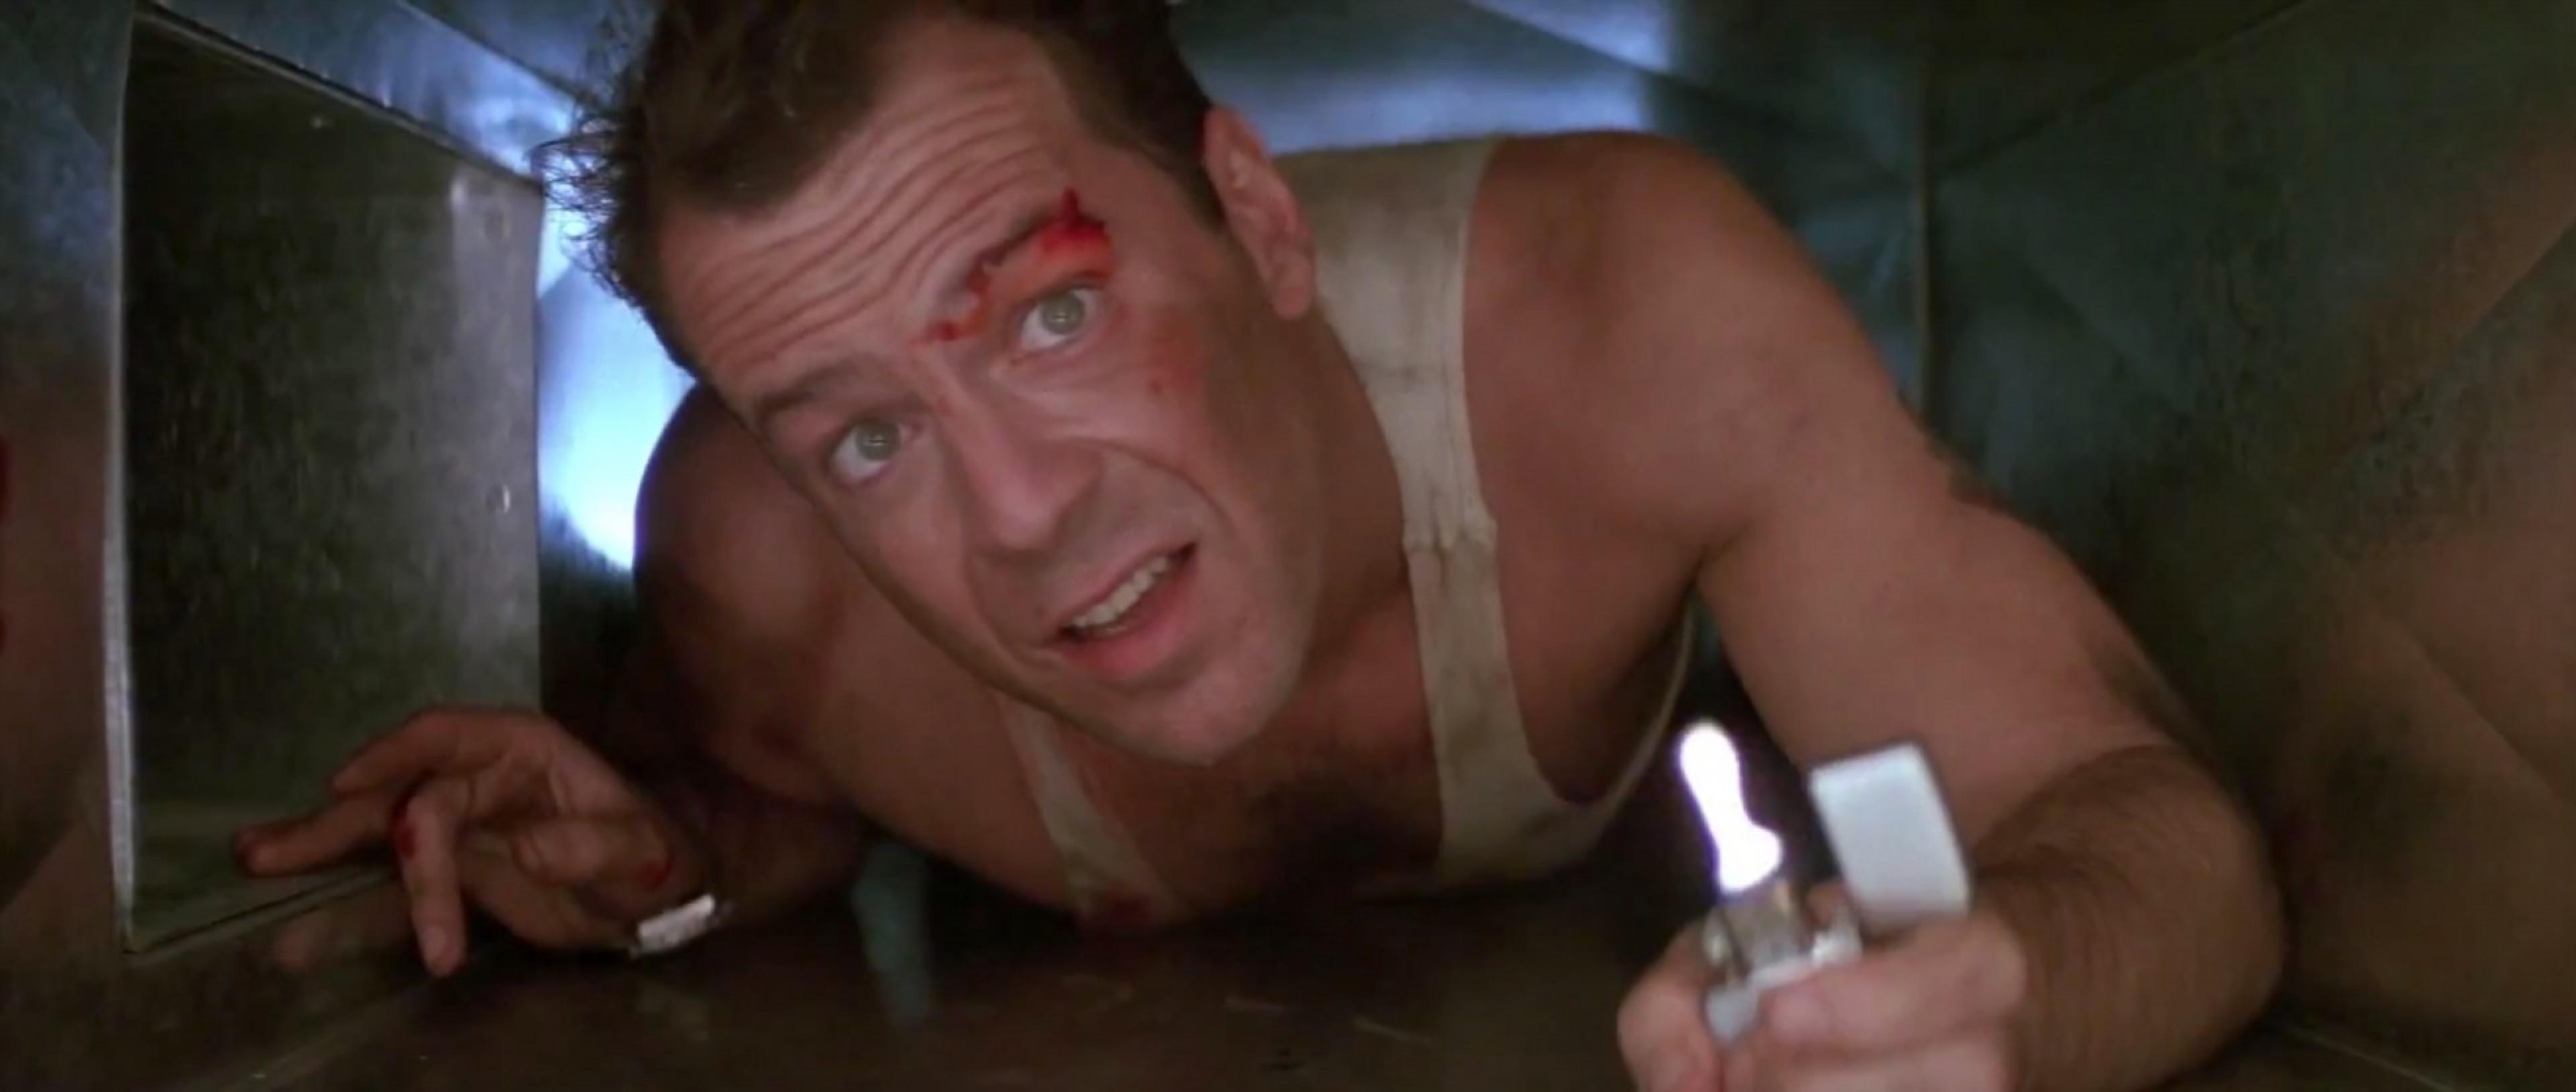 John McClane i Die hard